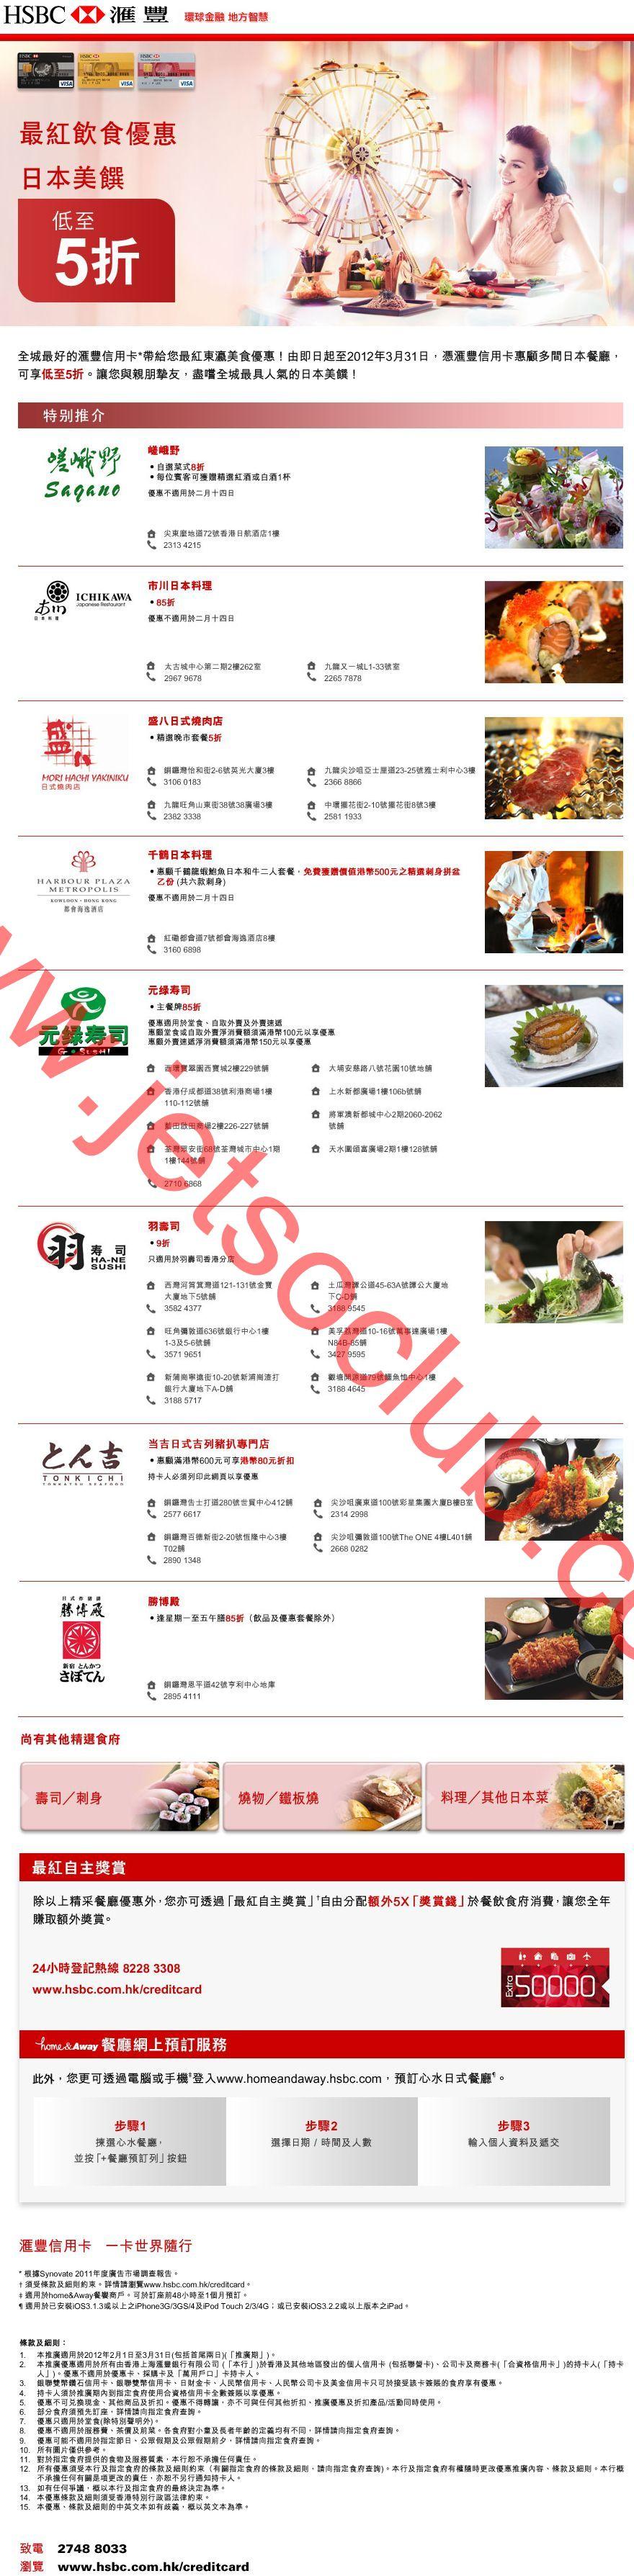 匯豐信用卡:最紅飲食優惠 日本美饌 低至5折(至31/3) ( Jetso Club 著數俱樂部 )